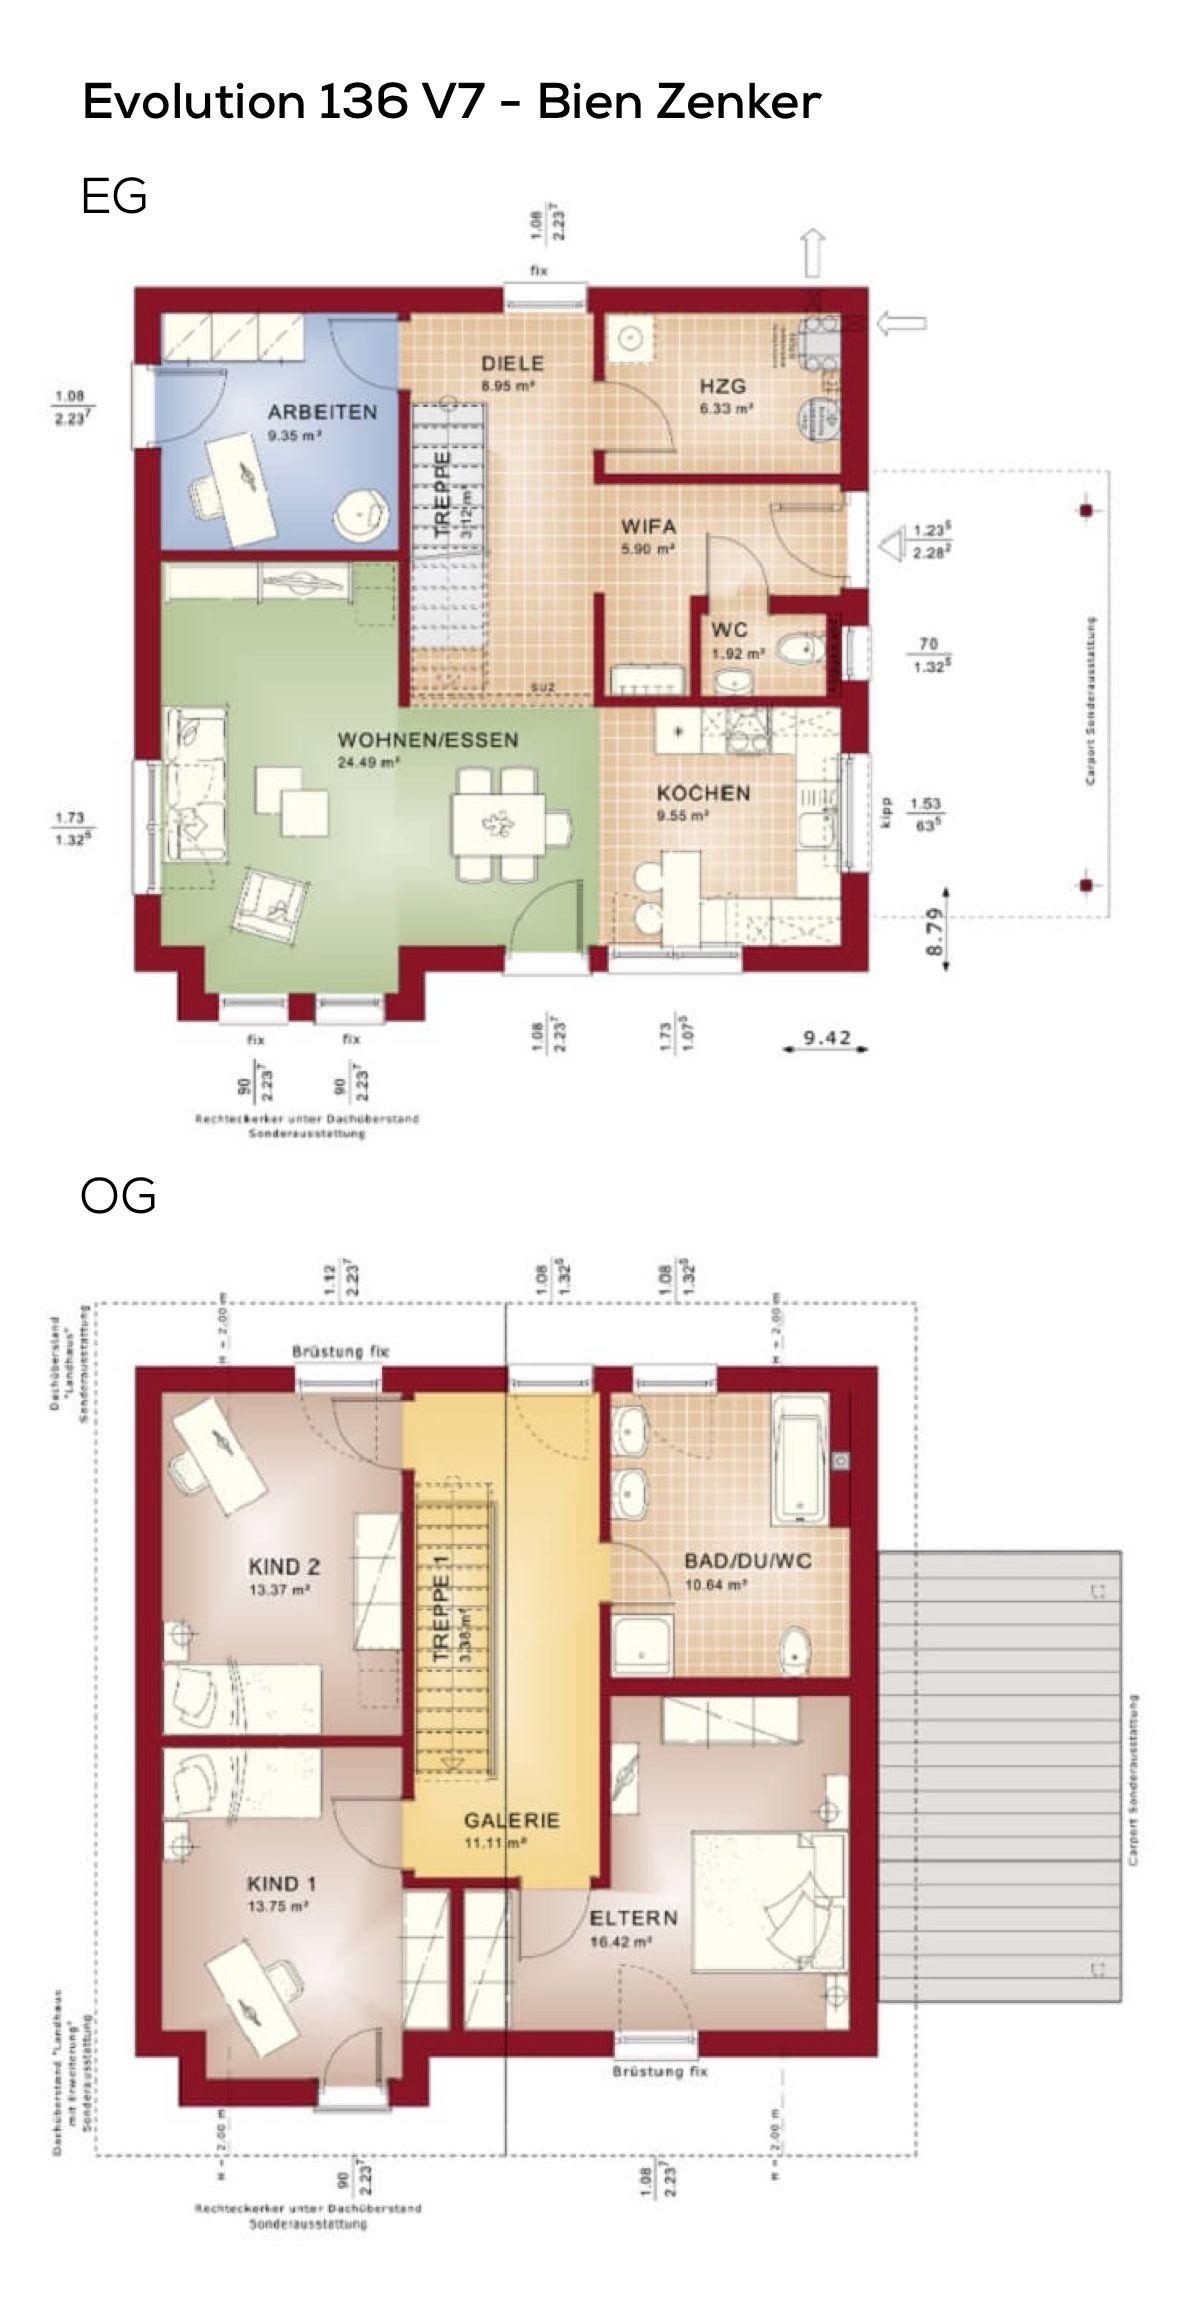 Grundriss Einfamilienhaus Quadratisch Mit Galerie Satteldach